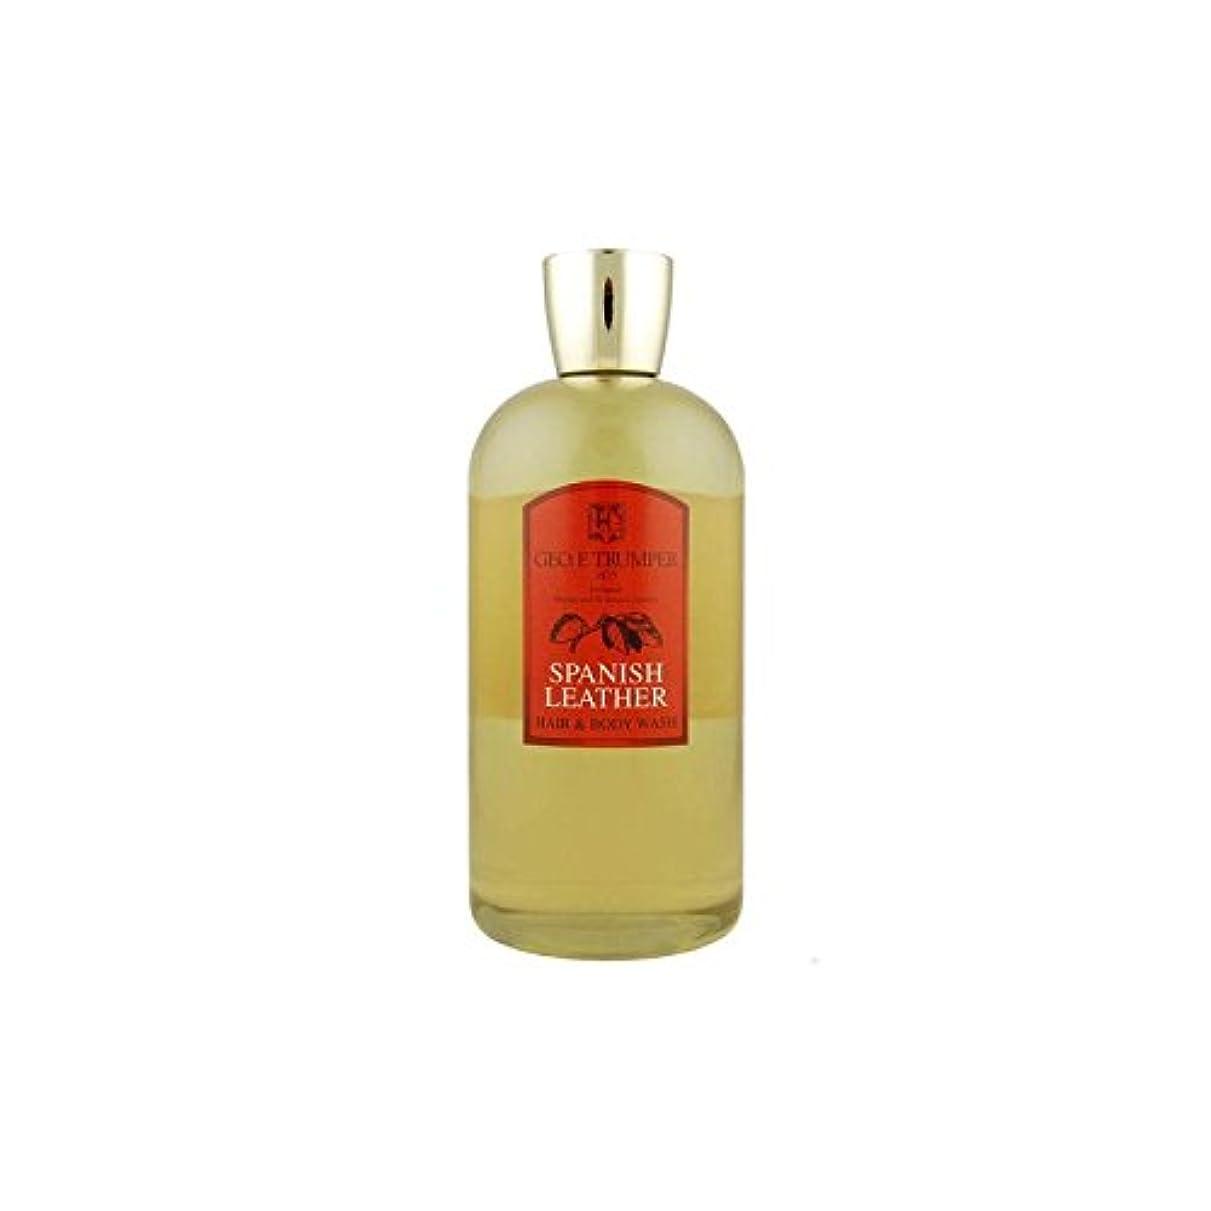 コンパス風邪をひく場所革の髪とボディウォッシュスペイン語 - 500ボトル x2 - Trumpers Spanish Leather Hair and Body Wash - 500mlTravel Bottle (Pack of 2) [並行輸入品]